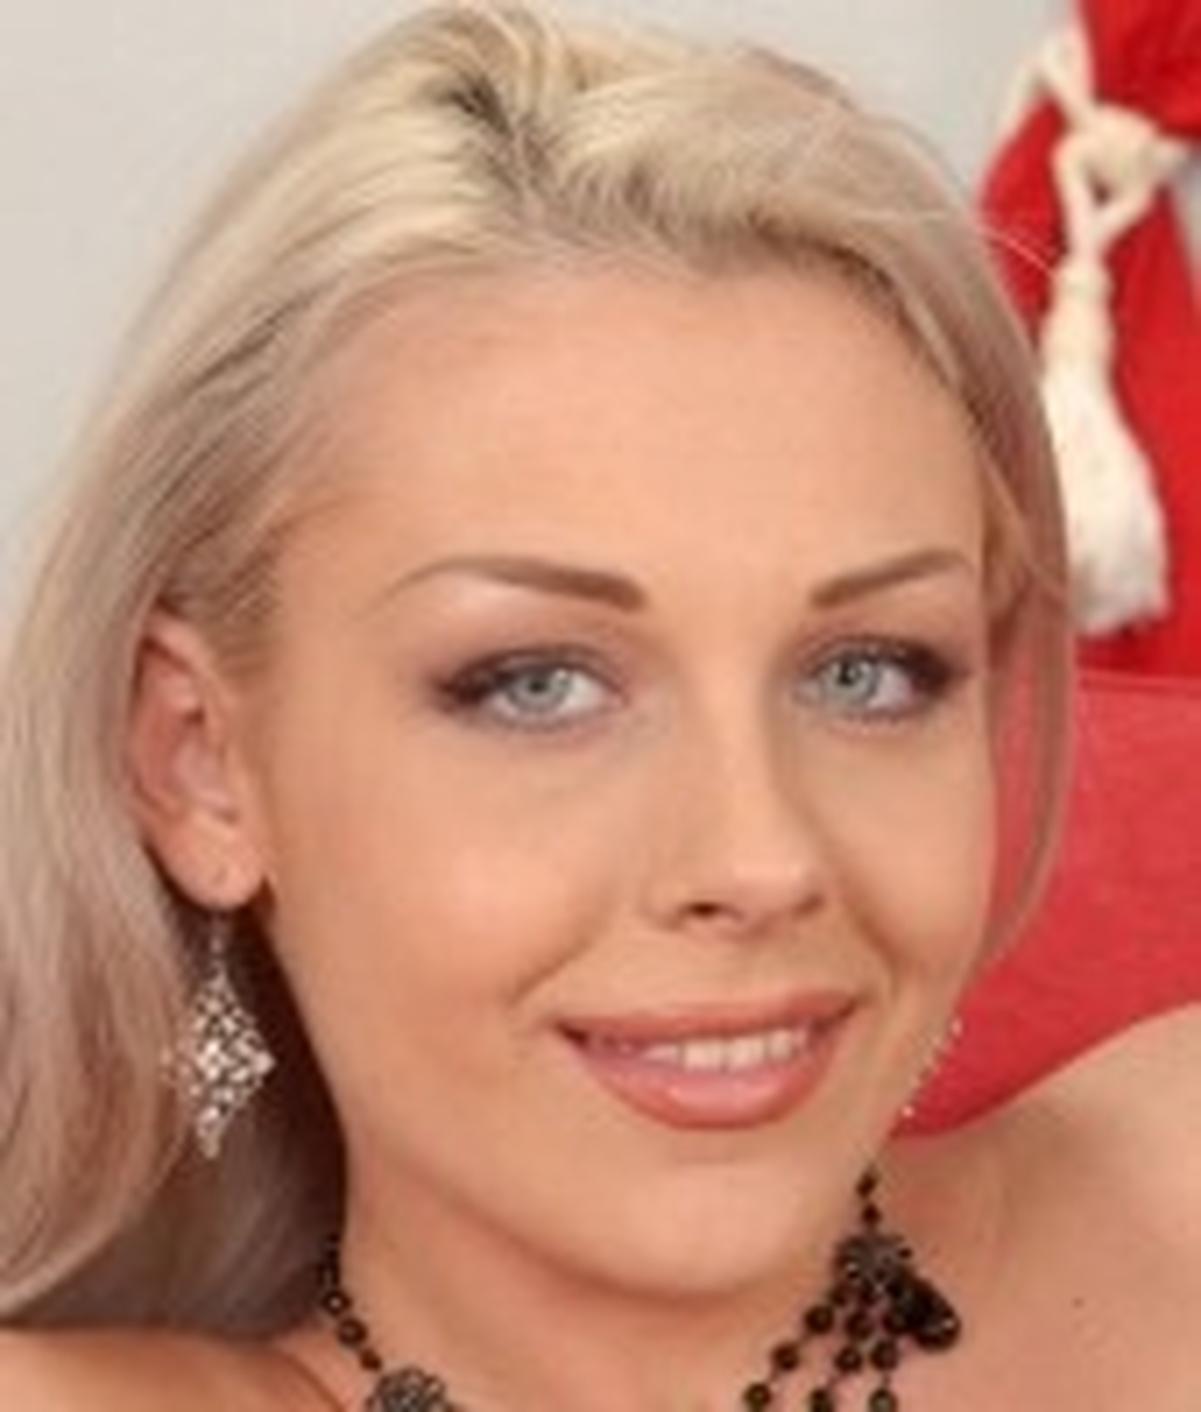 Sophie Angel